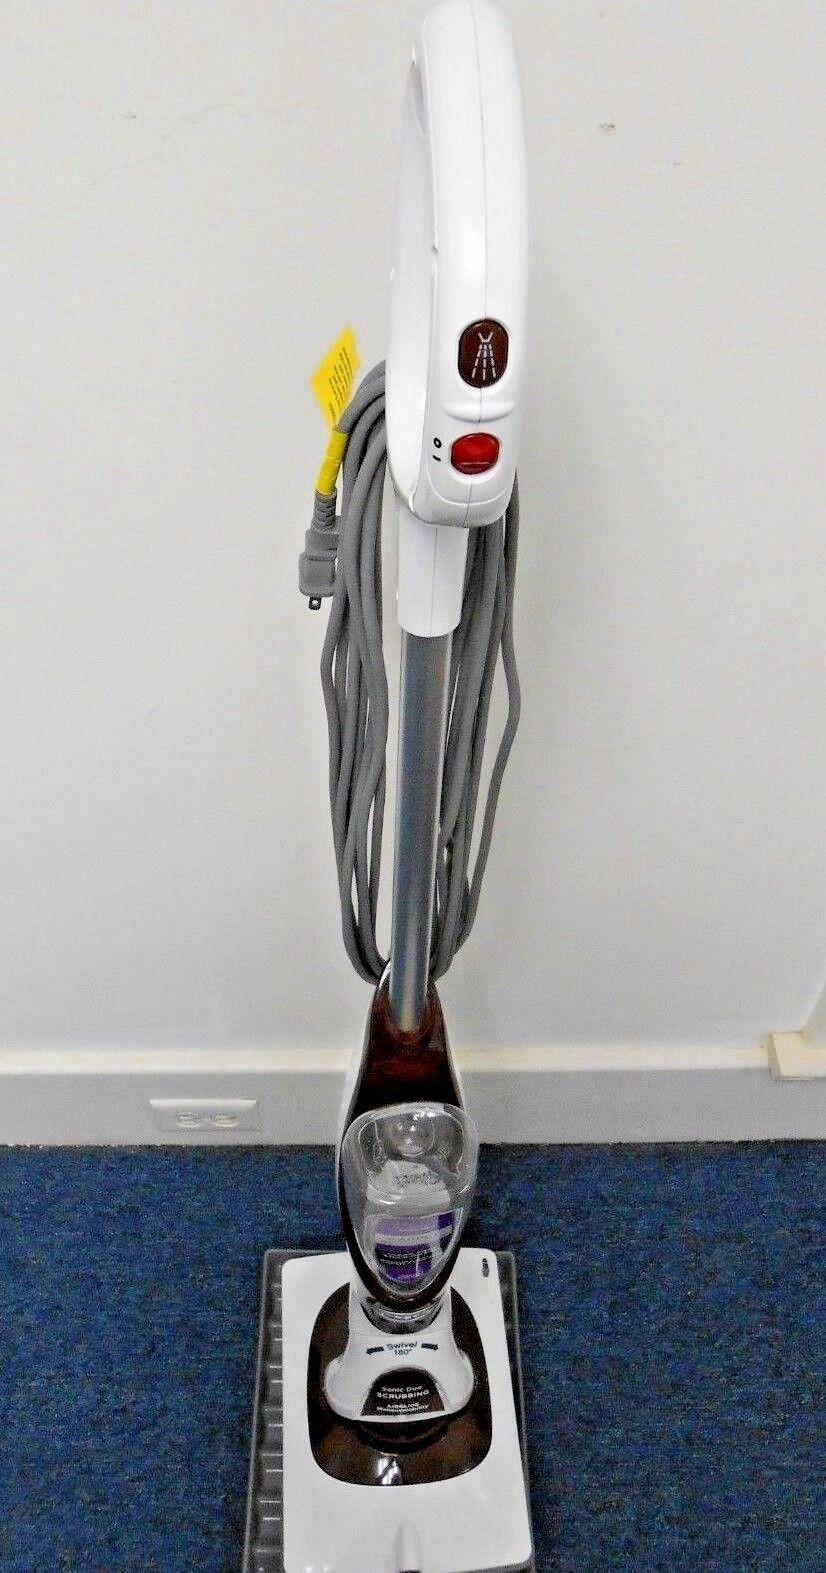 Shark Sonic Duo Carpet and Hard Floor Cleaner Model ZZ510Q